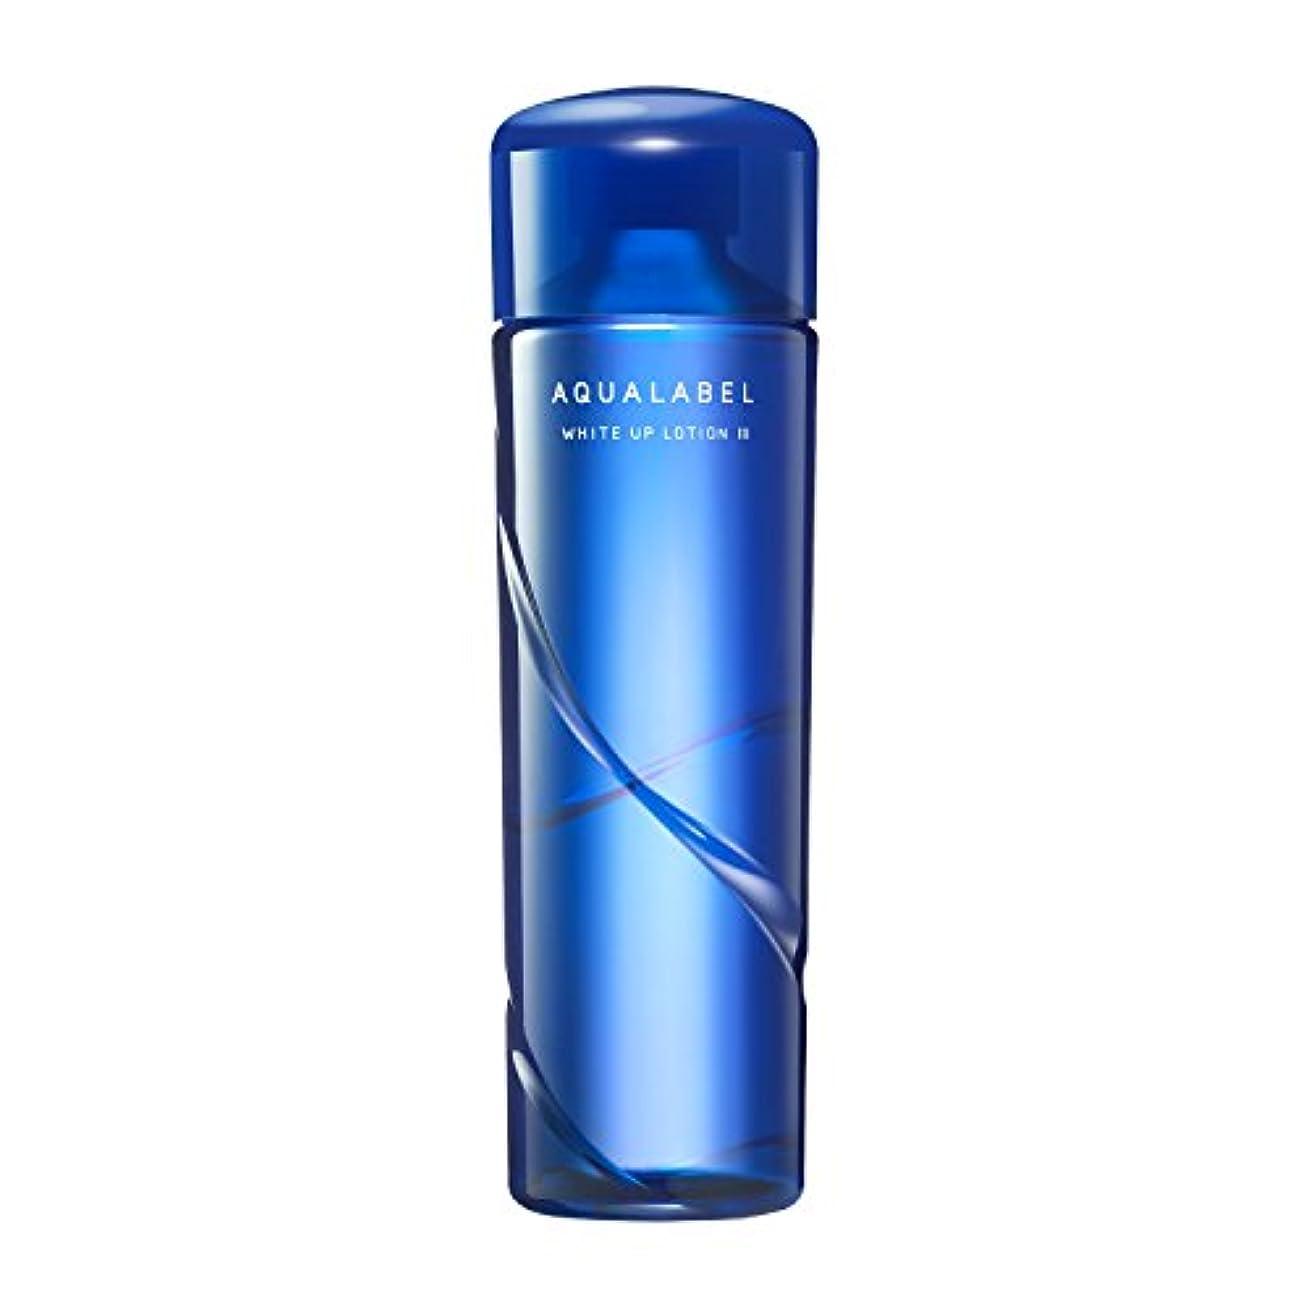 横たわる元気な文字通りアクアレーベル ホワイトアップ ローション 保湿?美白化粧水 (3) とてもしっとり 200mL 【医薬部外品】